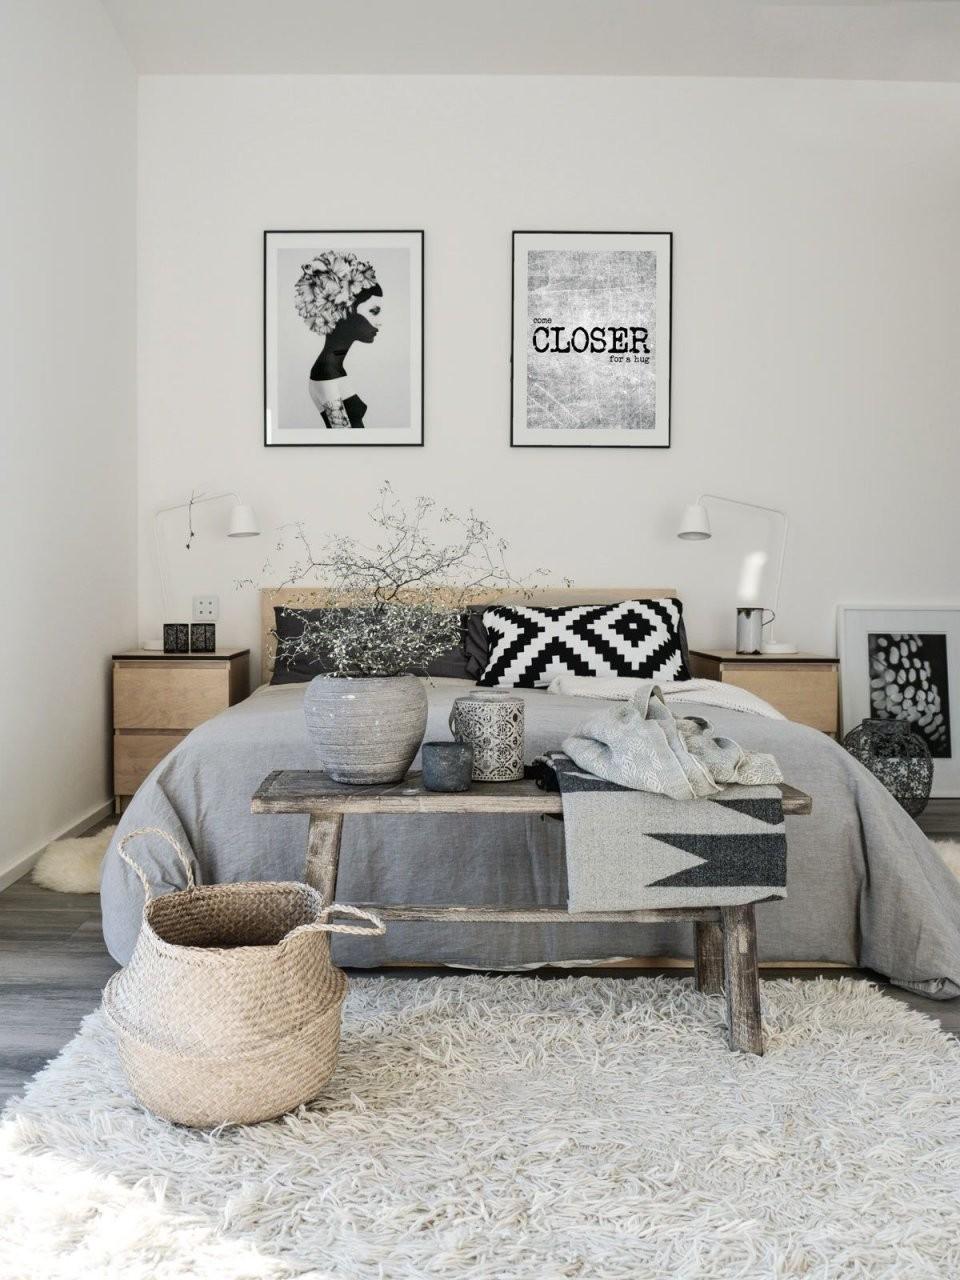 Zimmer Einrichten Die Perfekte Zimmergestaltung von Jugendzimmer Gestalten Ideen Bilder Bild